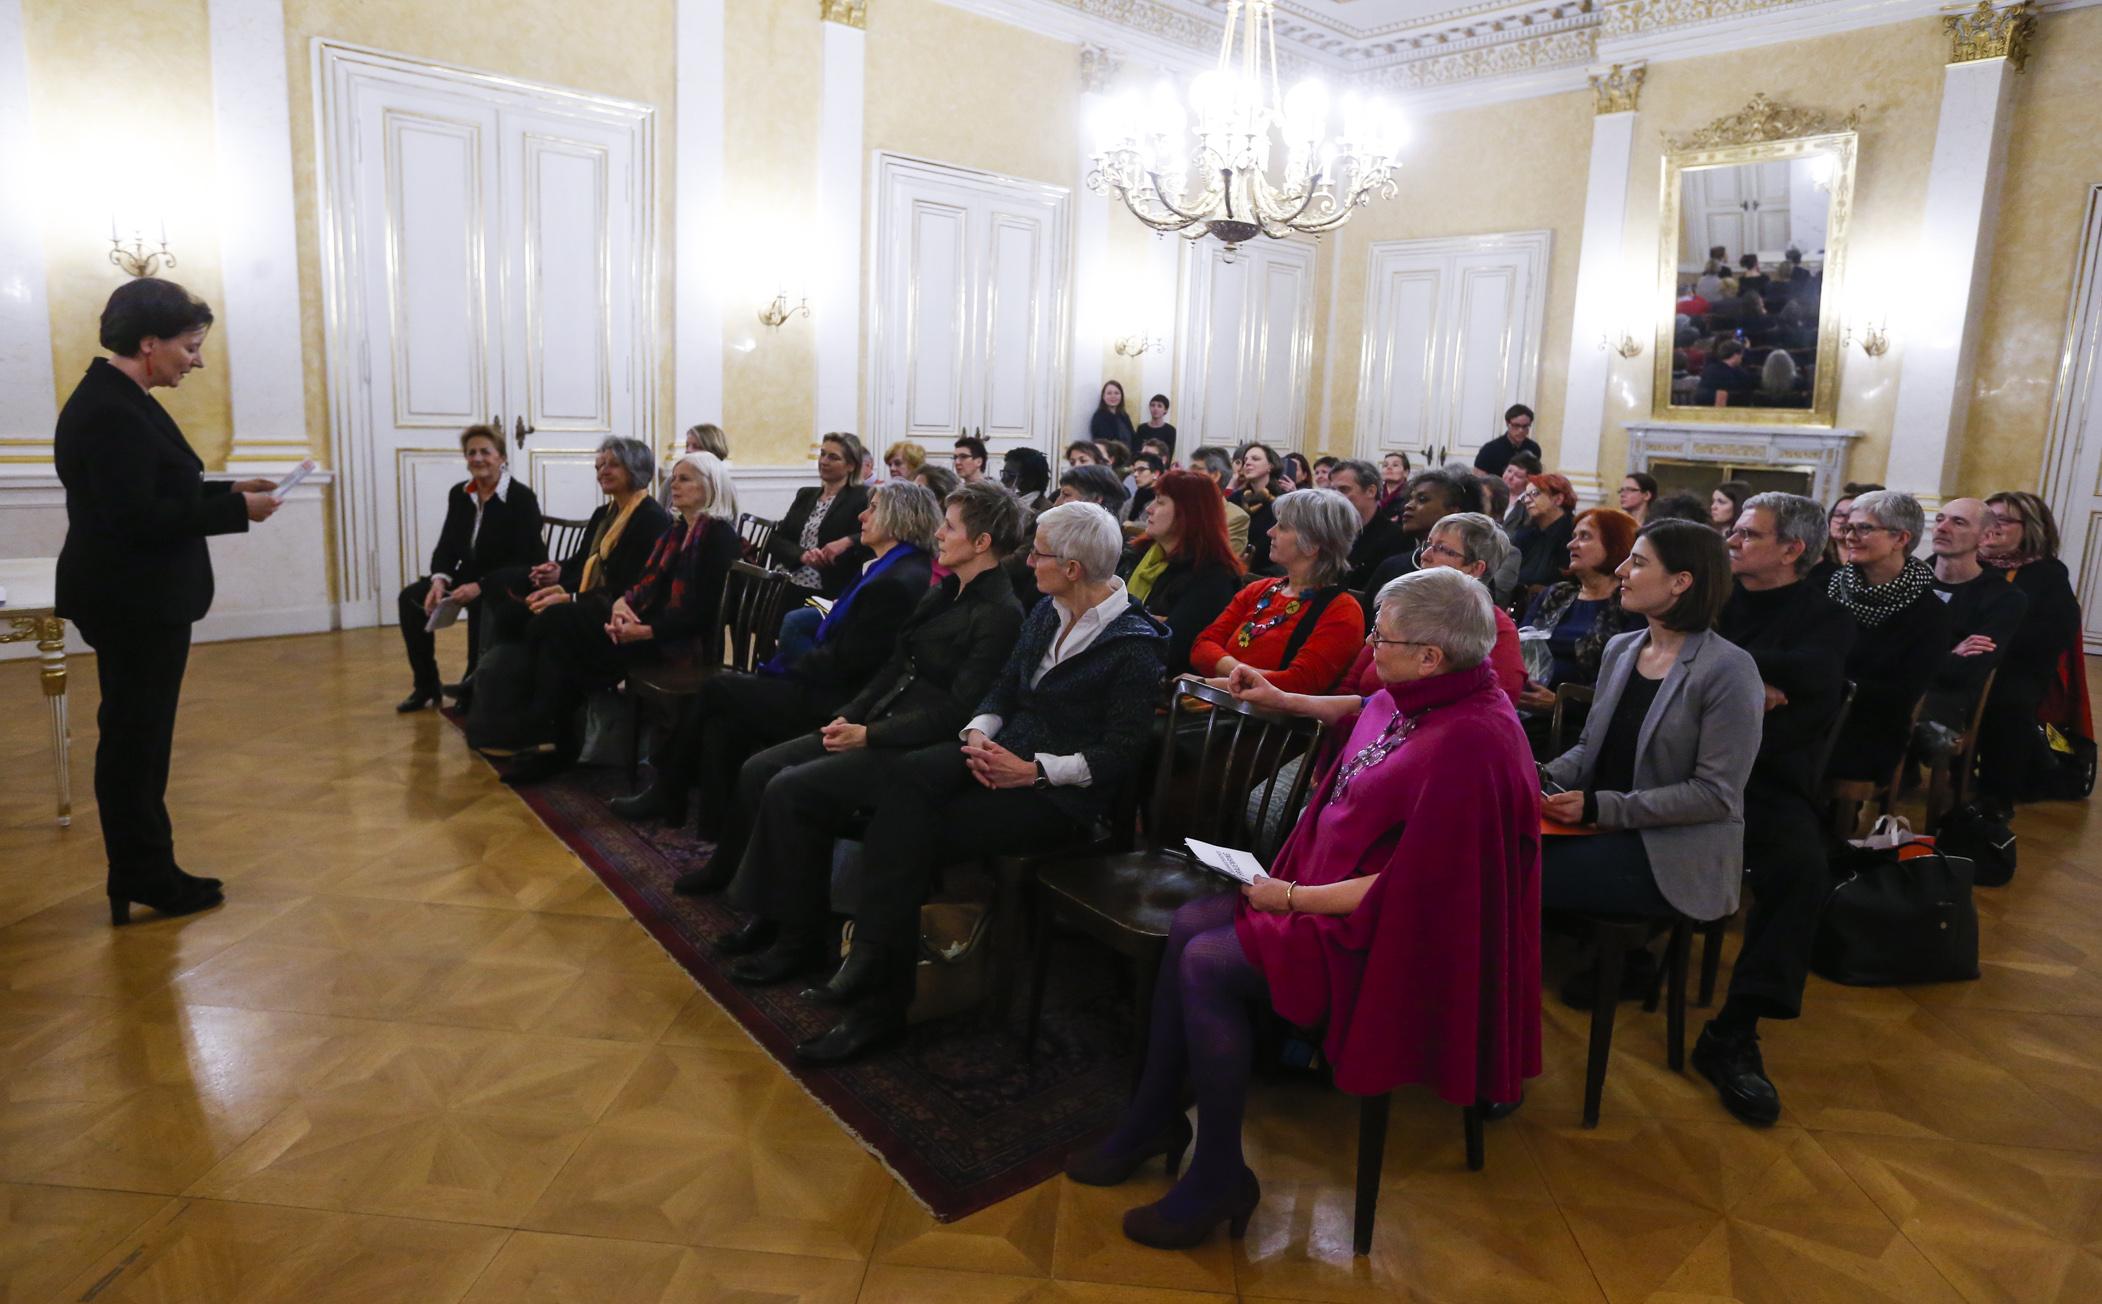 Laudatio der Bundesministerin Heinisch-Hosek beim Frauenring-Preis 2015 (c) Georg Stefanik / BKA